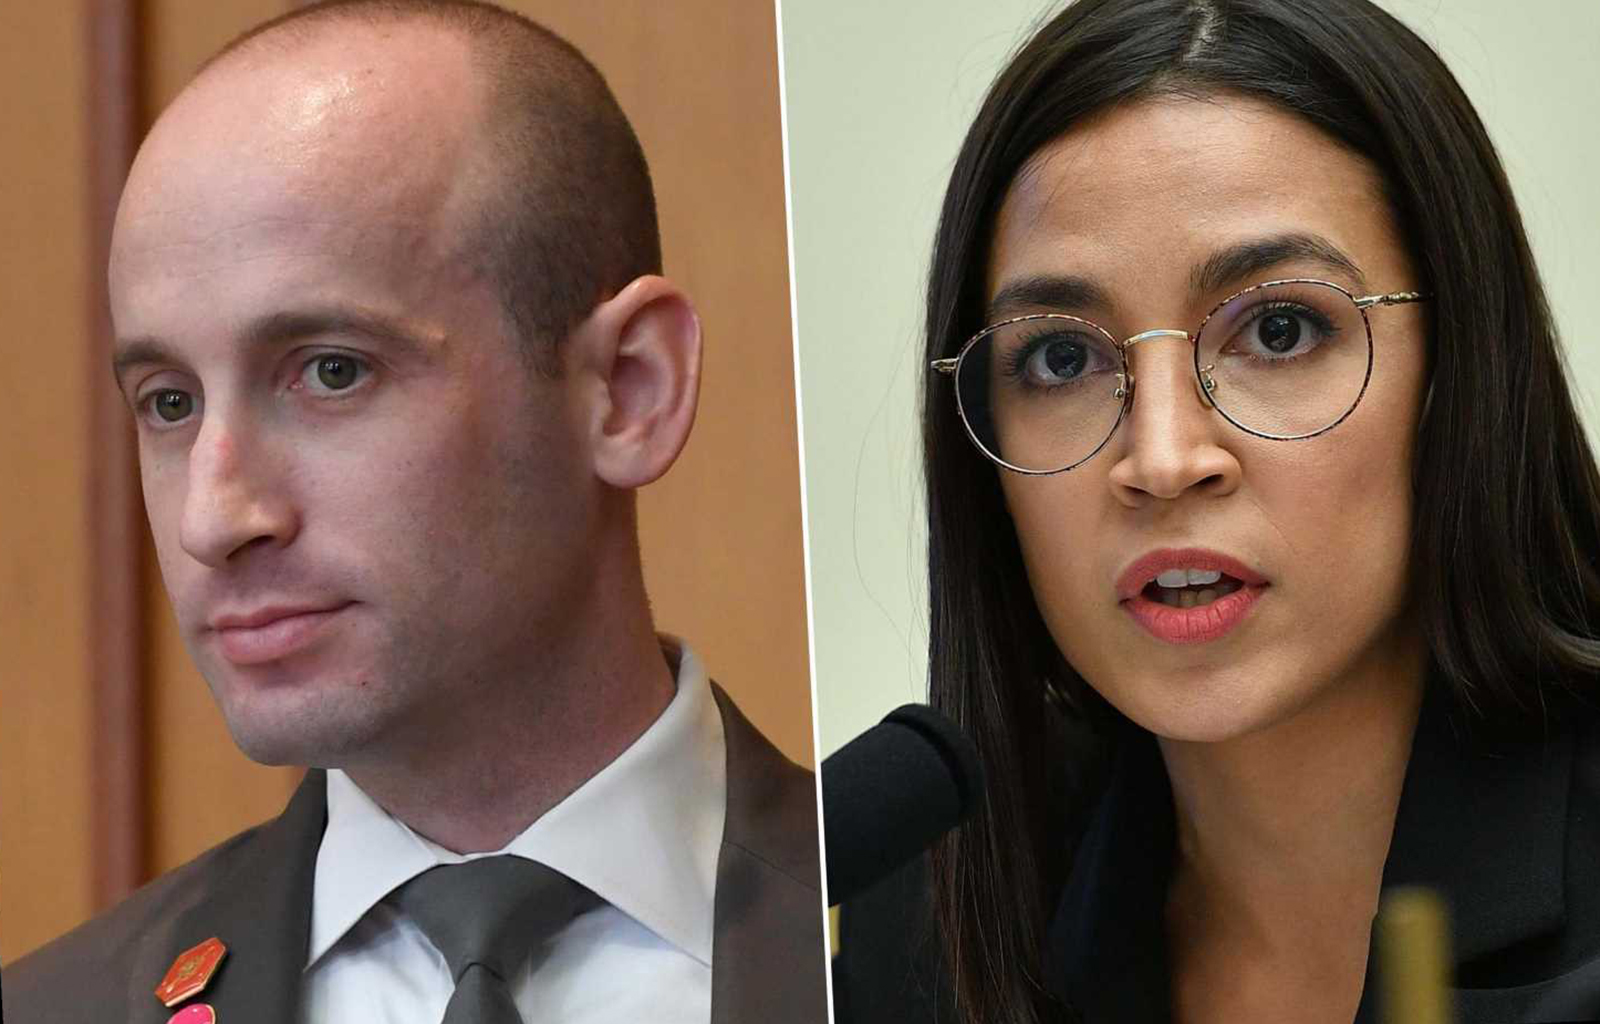 Foto19 Alexandria Ocasio Cortez e Stephen Miller Petição para a renúncia de Stephen Miller supera 20 mil assinaturas